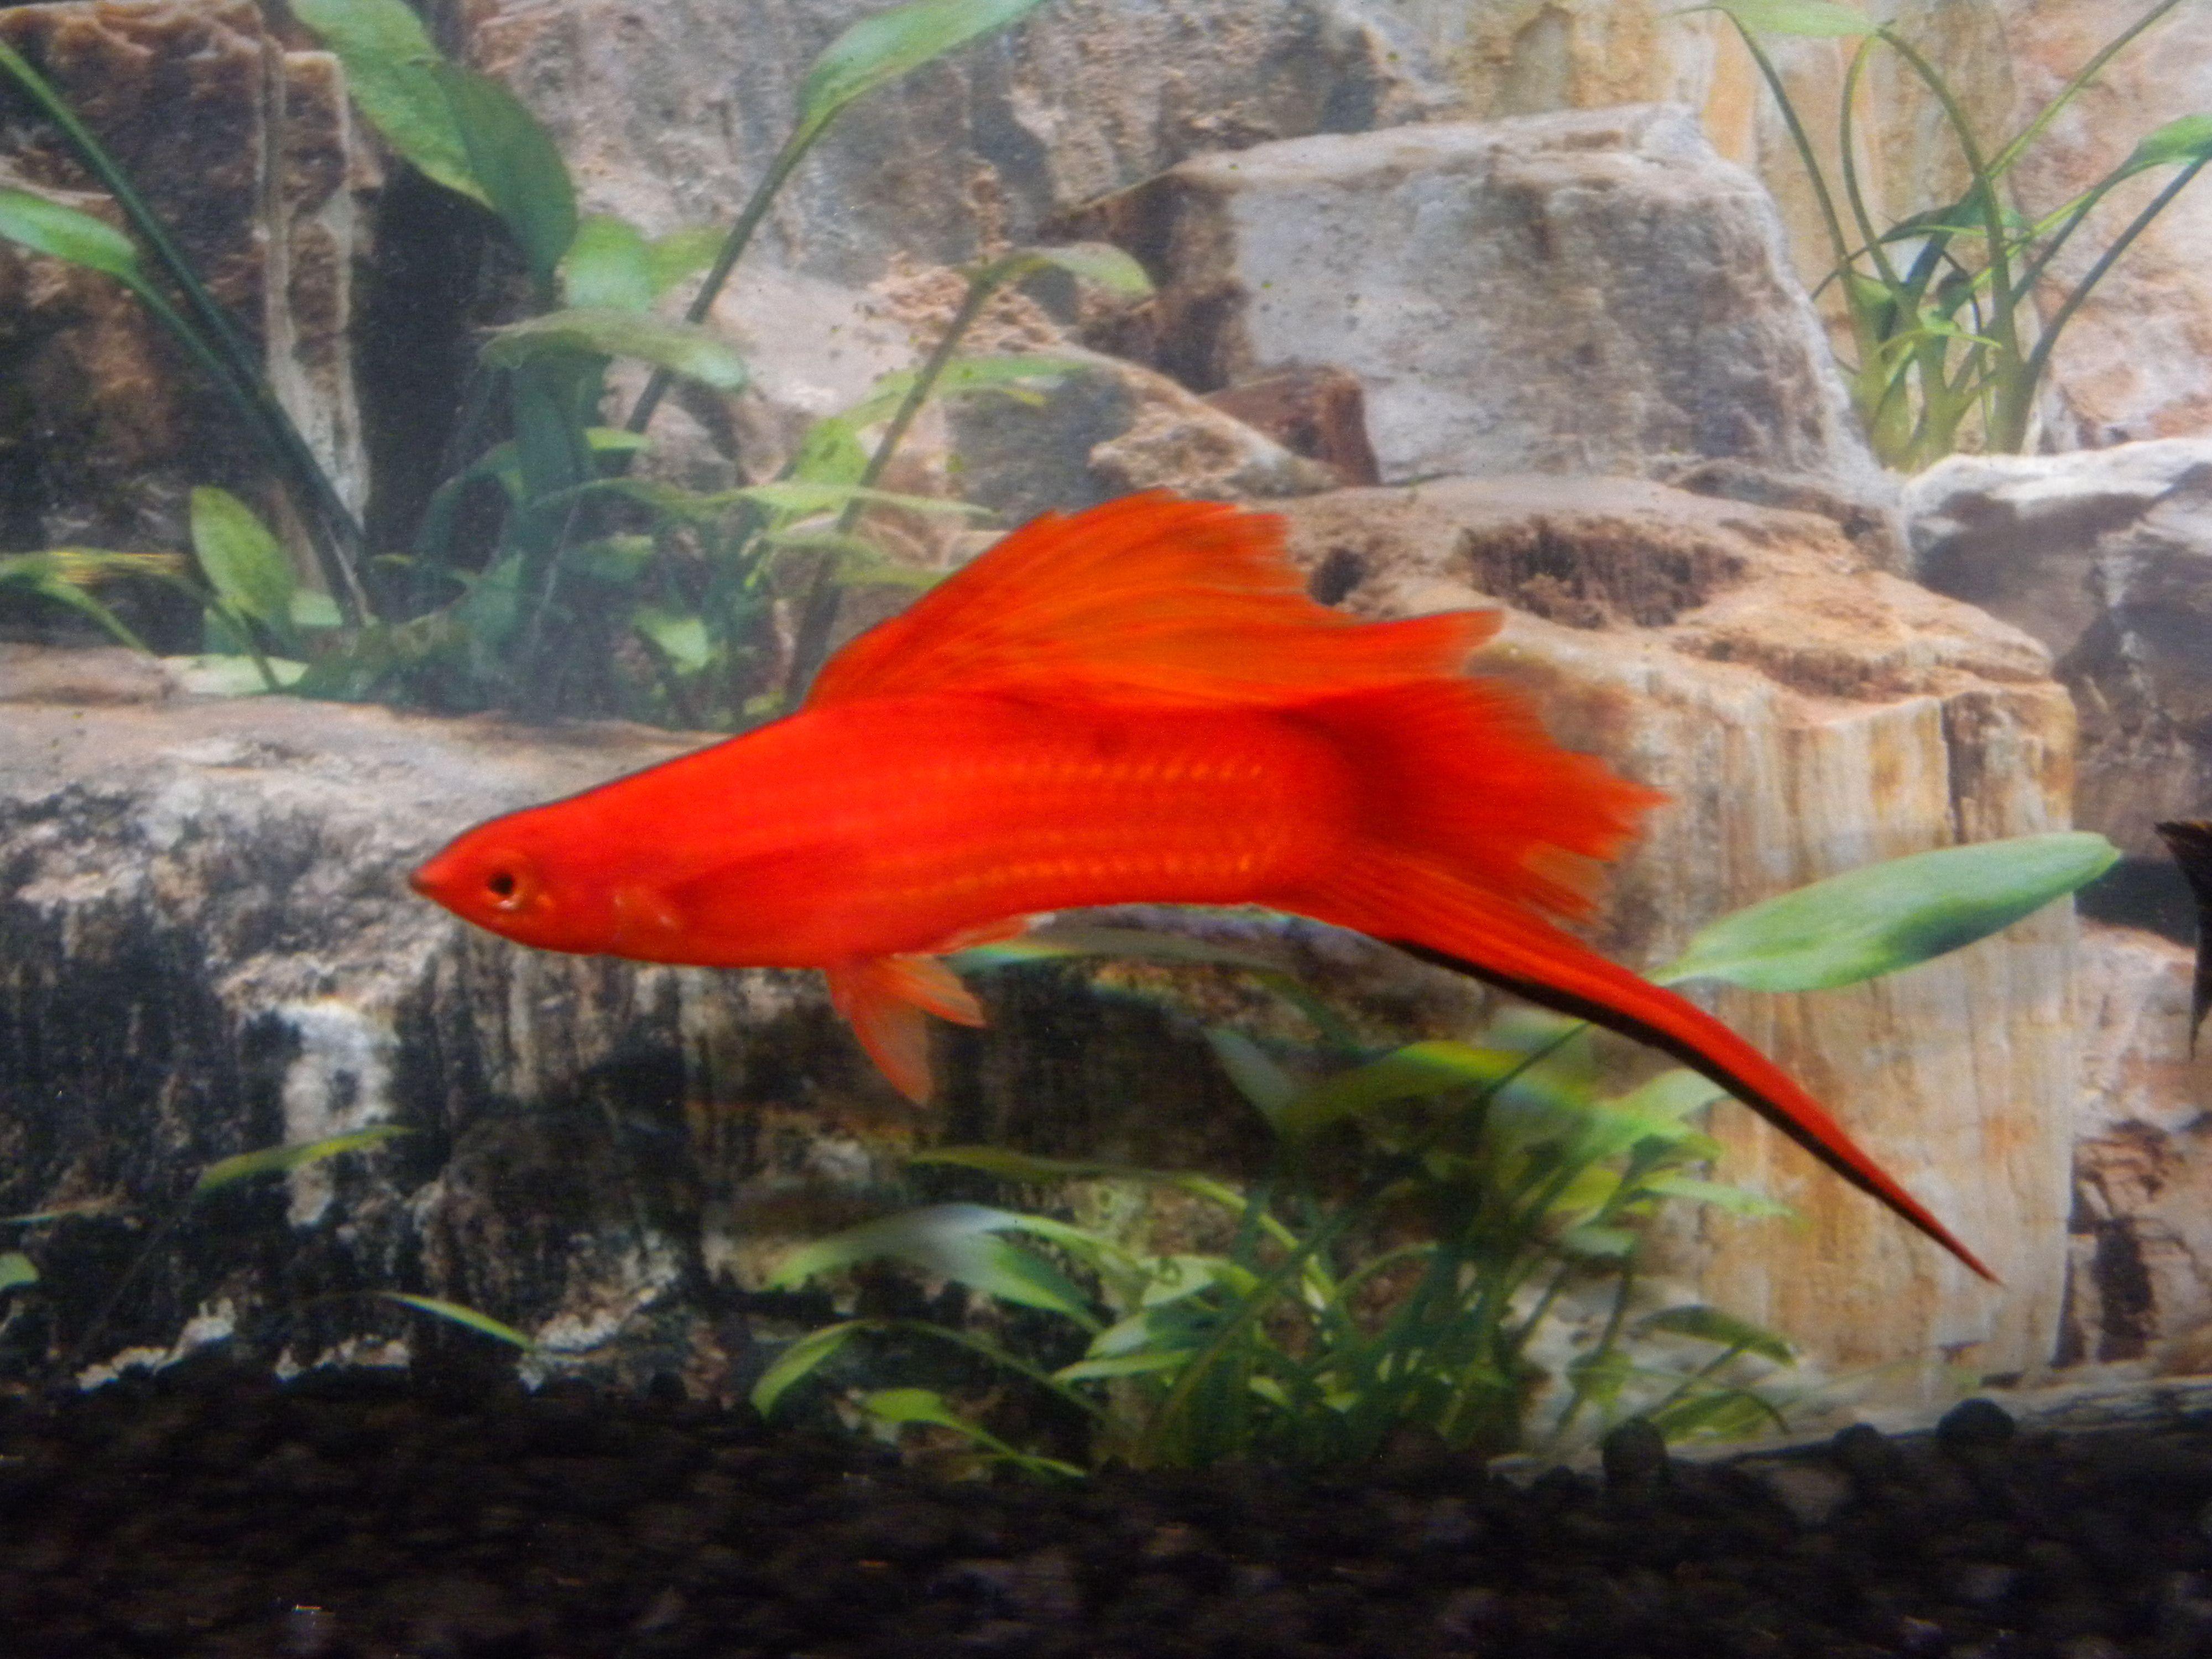 Freshwater aquarium fish with red eyes - Hifin Red Eye Swordtail Bred By Rick Graham Red Eyesswordsaquarium Fish